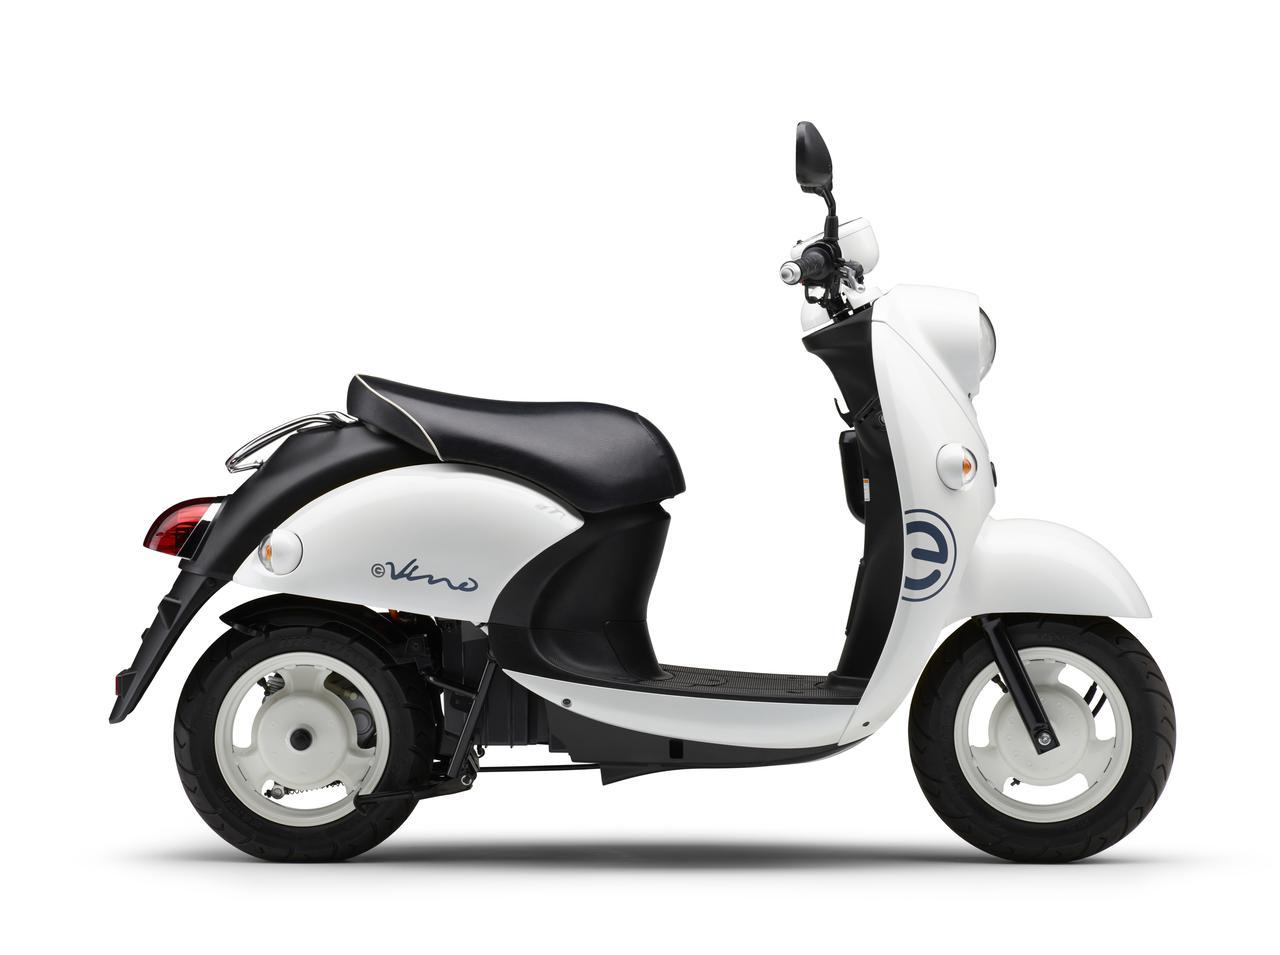 Images : 5番目の画像 - ヤマハ「E-Vino」の写真をもっと見る! - webオートバイ